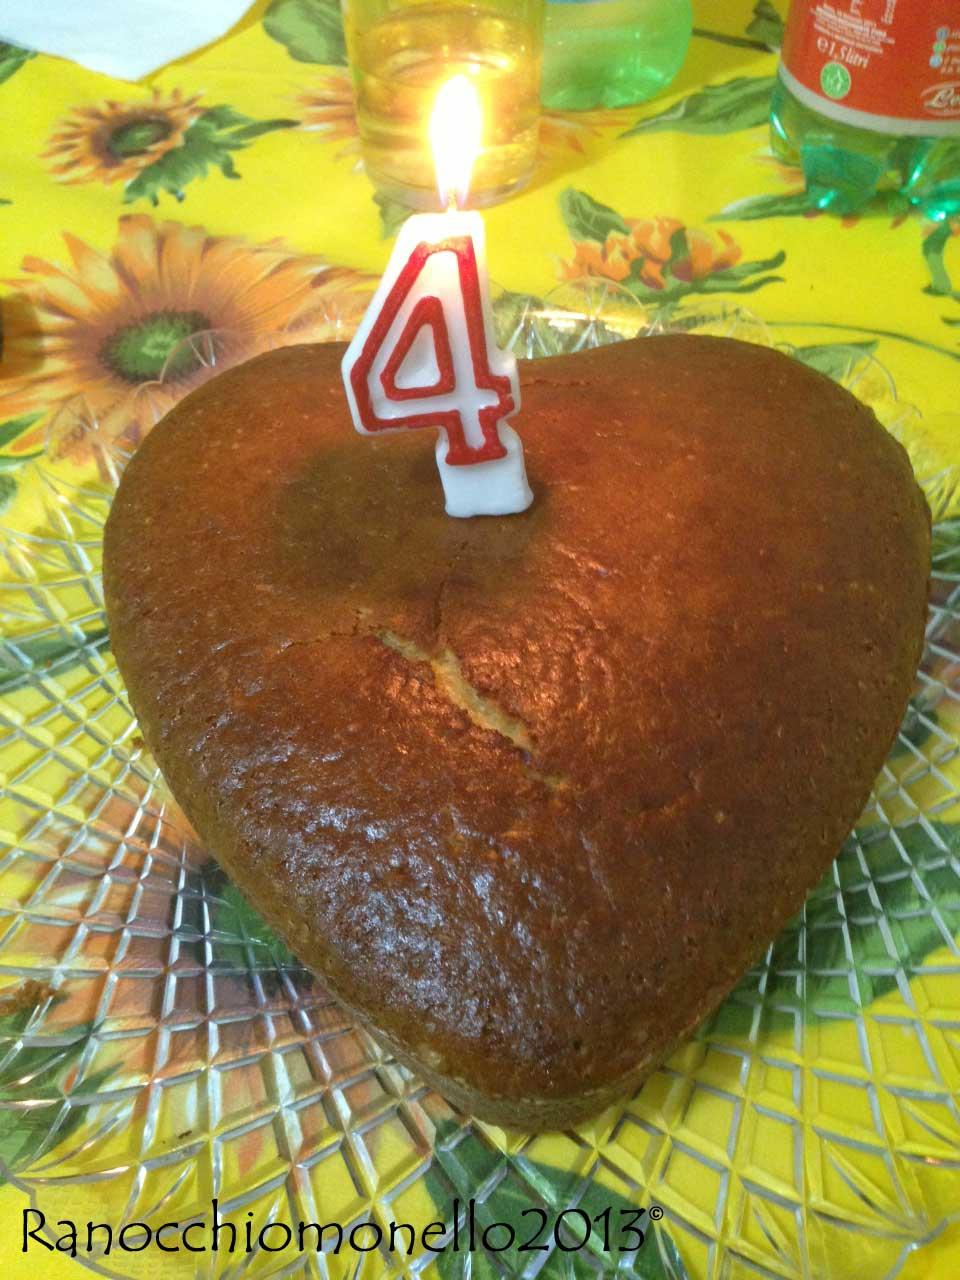 Super Ranocchio Monello: 1461 giorni di matrimonio e una torta al limone XW68